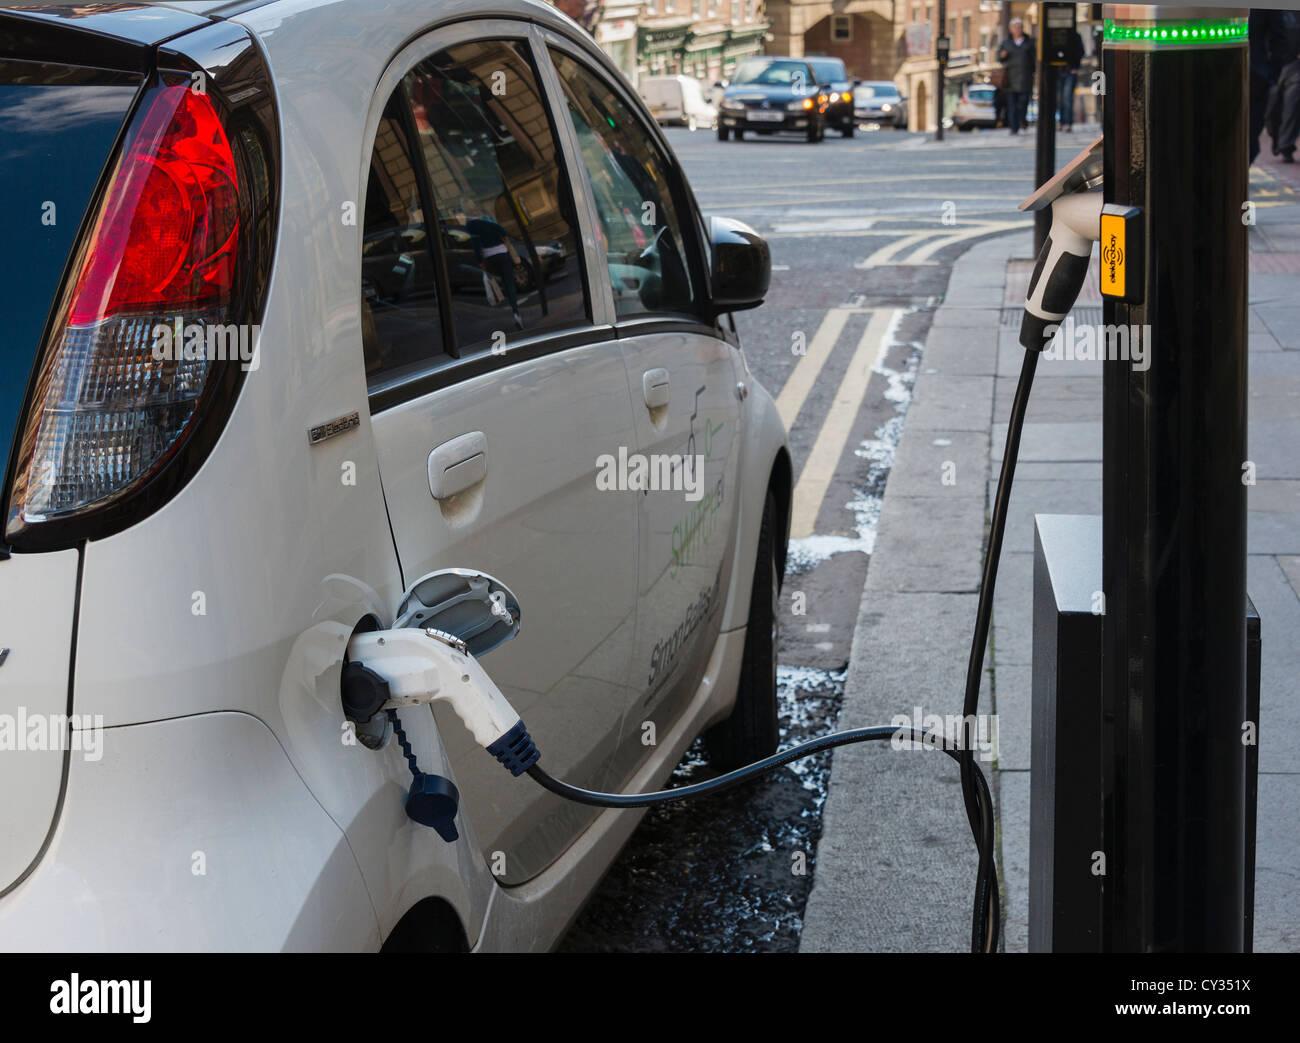 Auto elettrica su strada punto di carica Immagini Stock